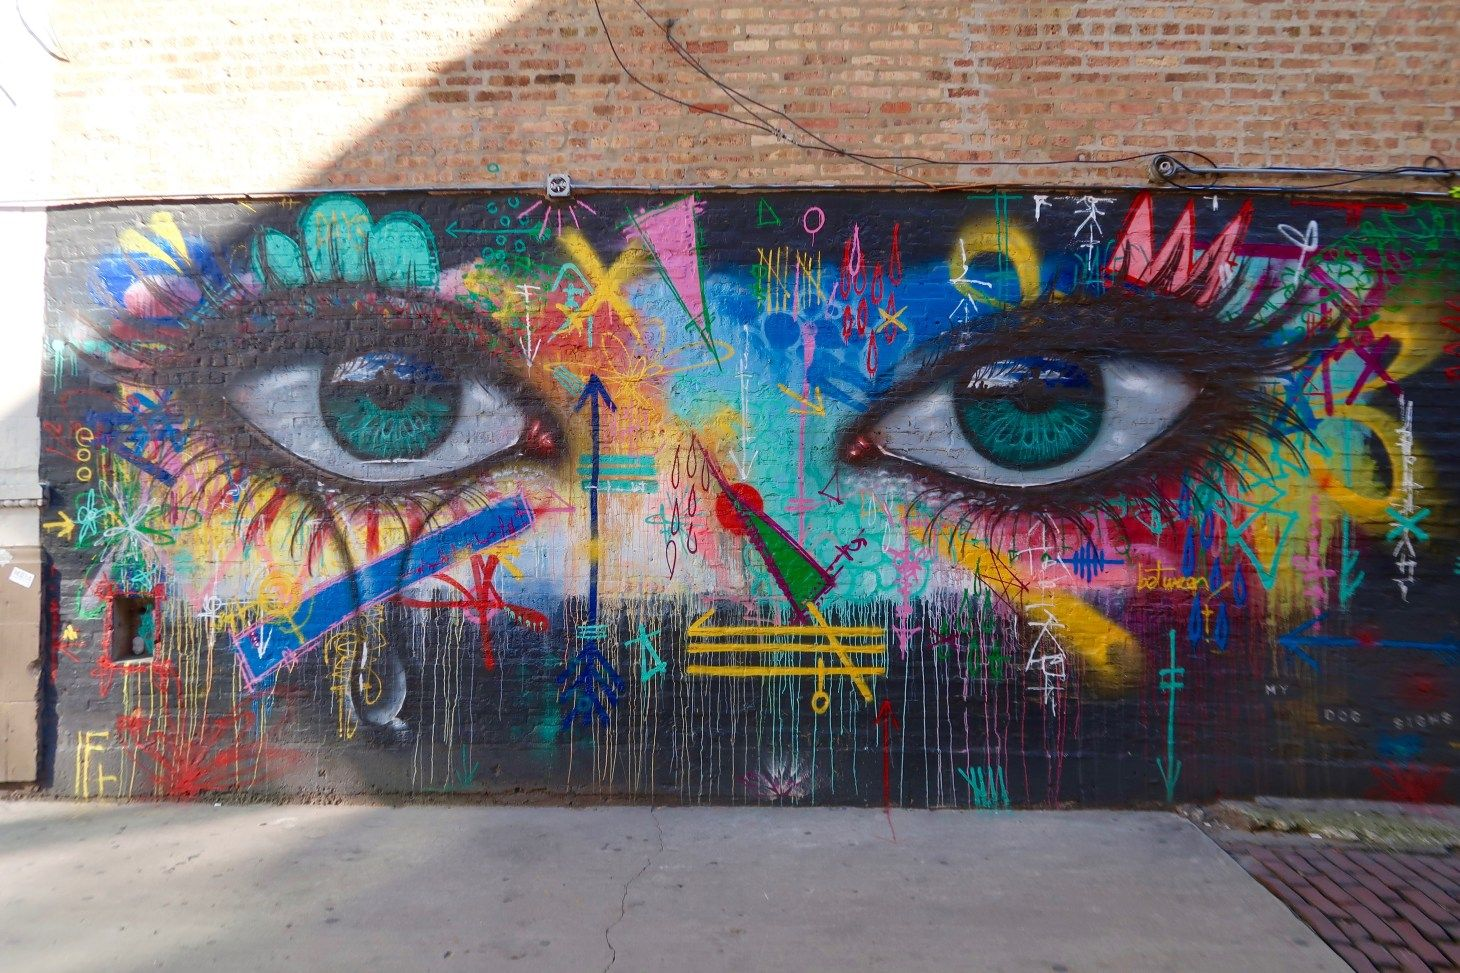 12 Street Art Murals to See in Chicago's Wicker Park Neighborhood